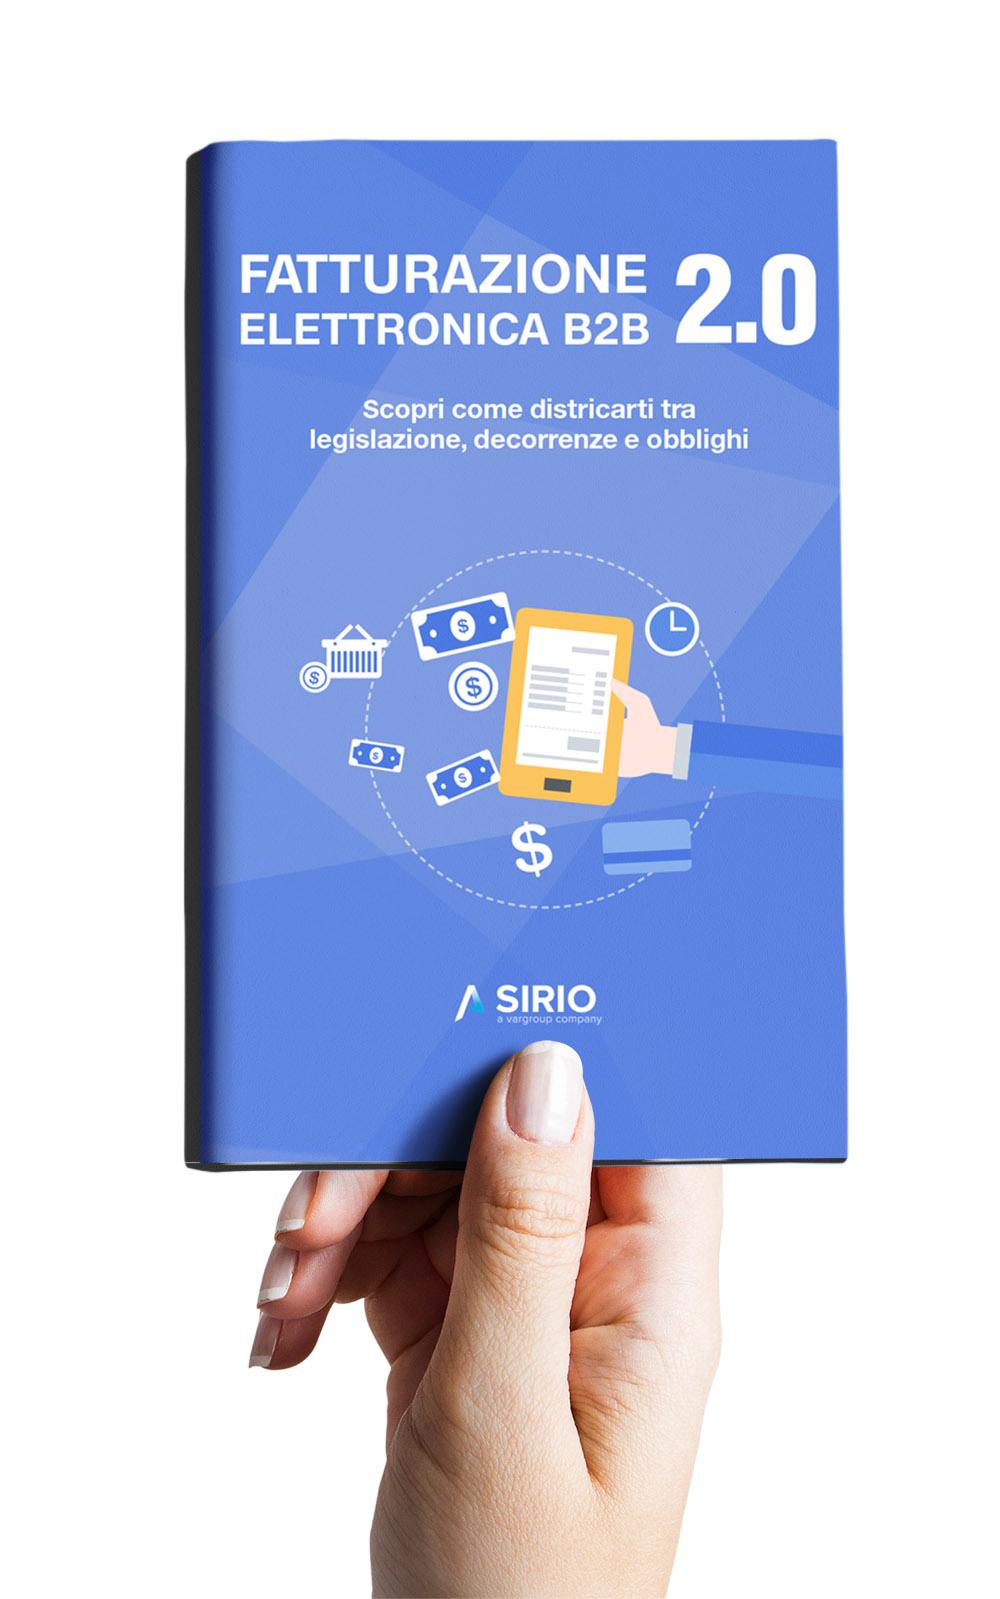 Fatturazione Elettronica B2B 2.0